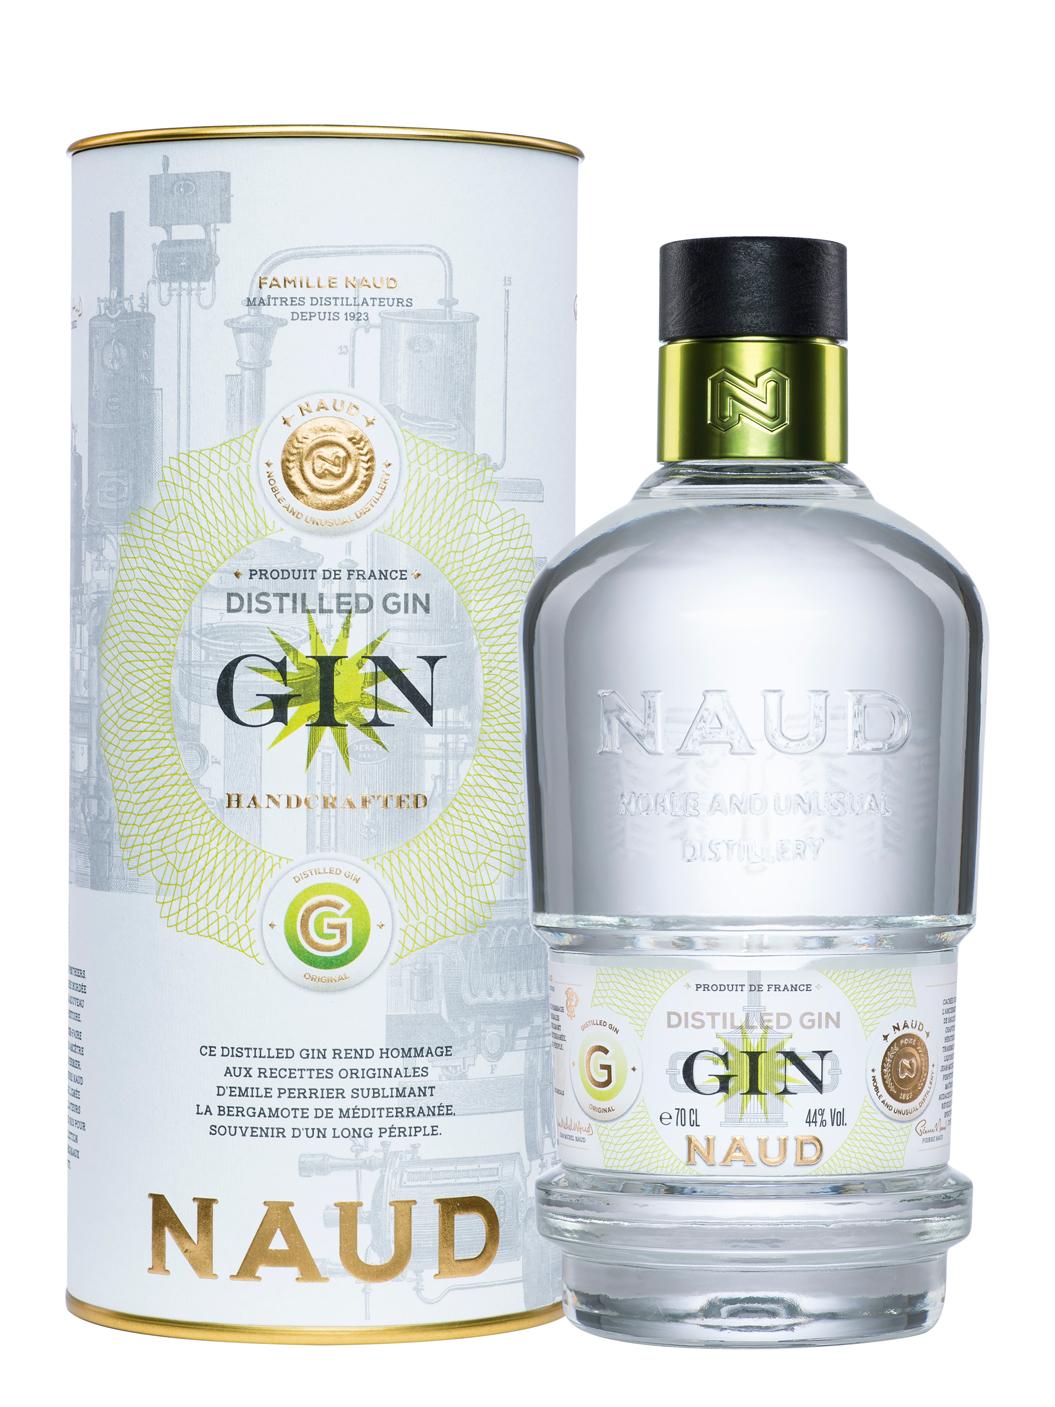 NAUD_Bouteilles-et-Canisters_SPIRITUEUX_Cognac-Rhum-Gin-Vodka-Identite-Marque-Graphisme-Etiquette_PLANET-DESIGN-PARIS-Eric-Berthes_02.jpg